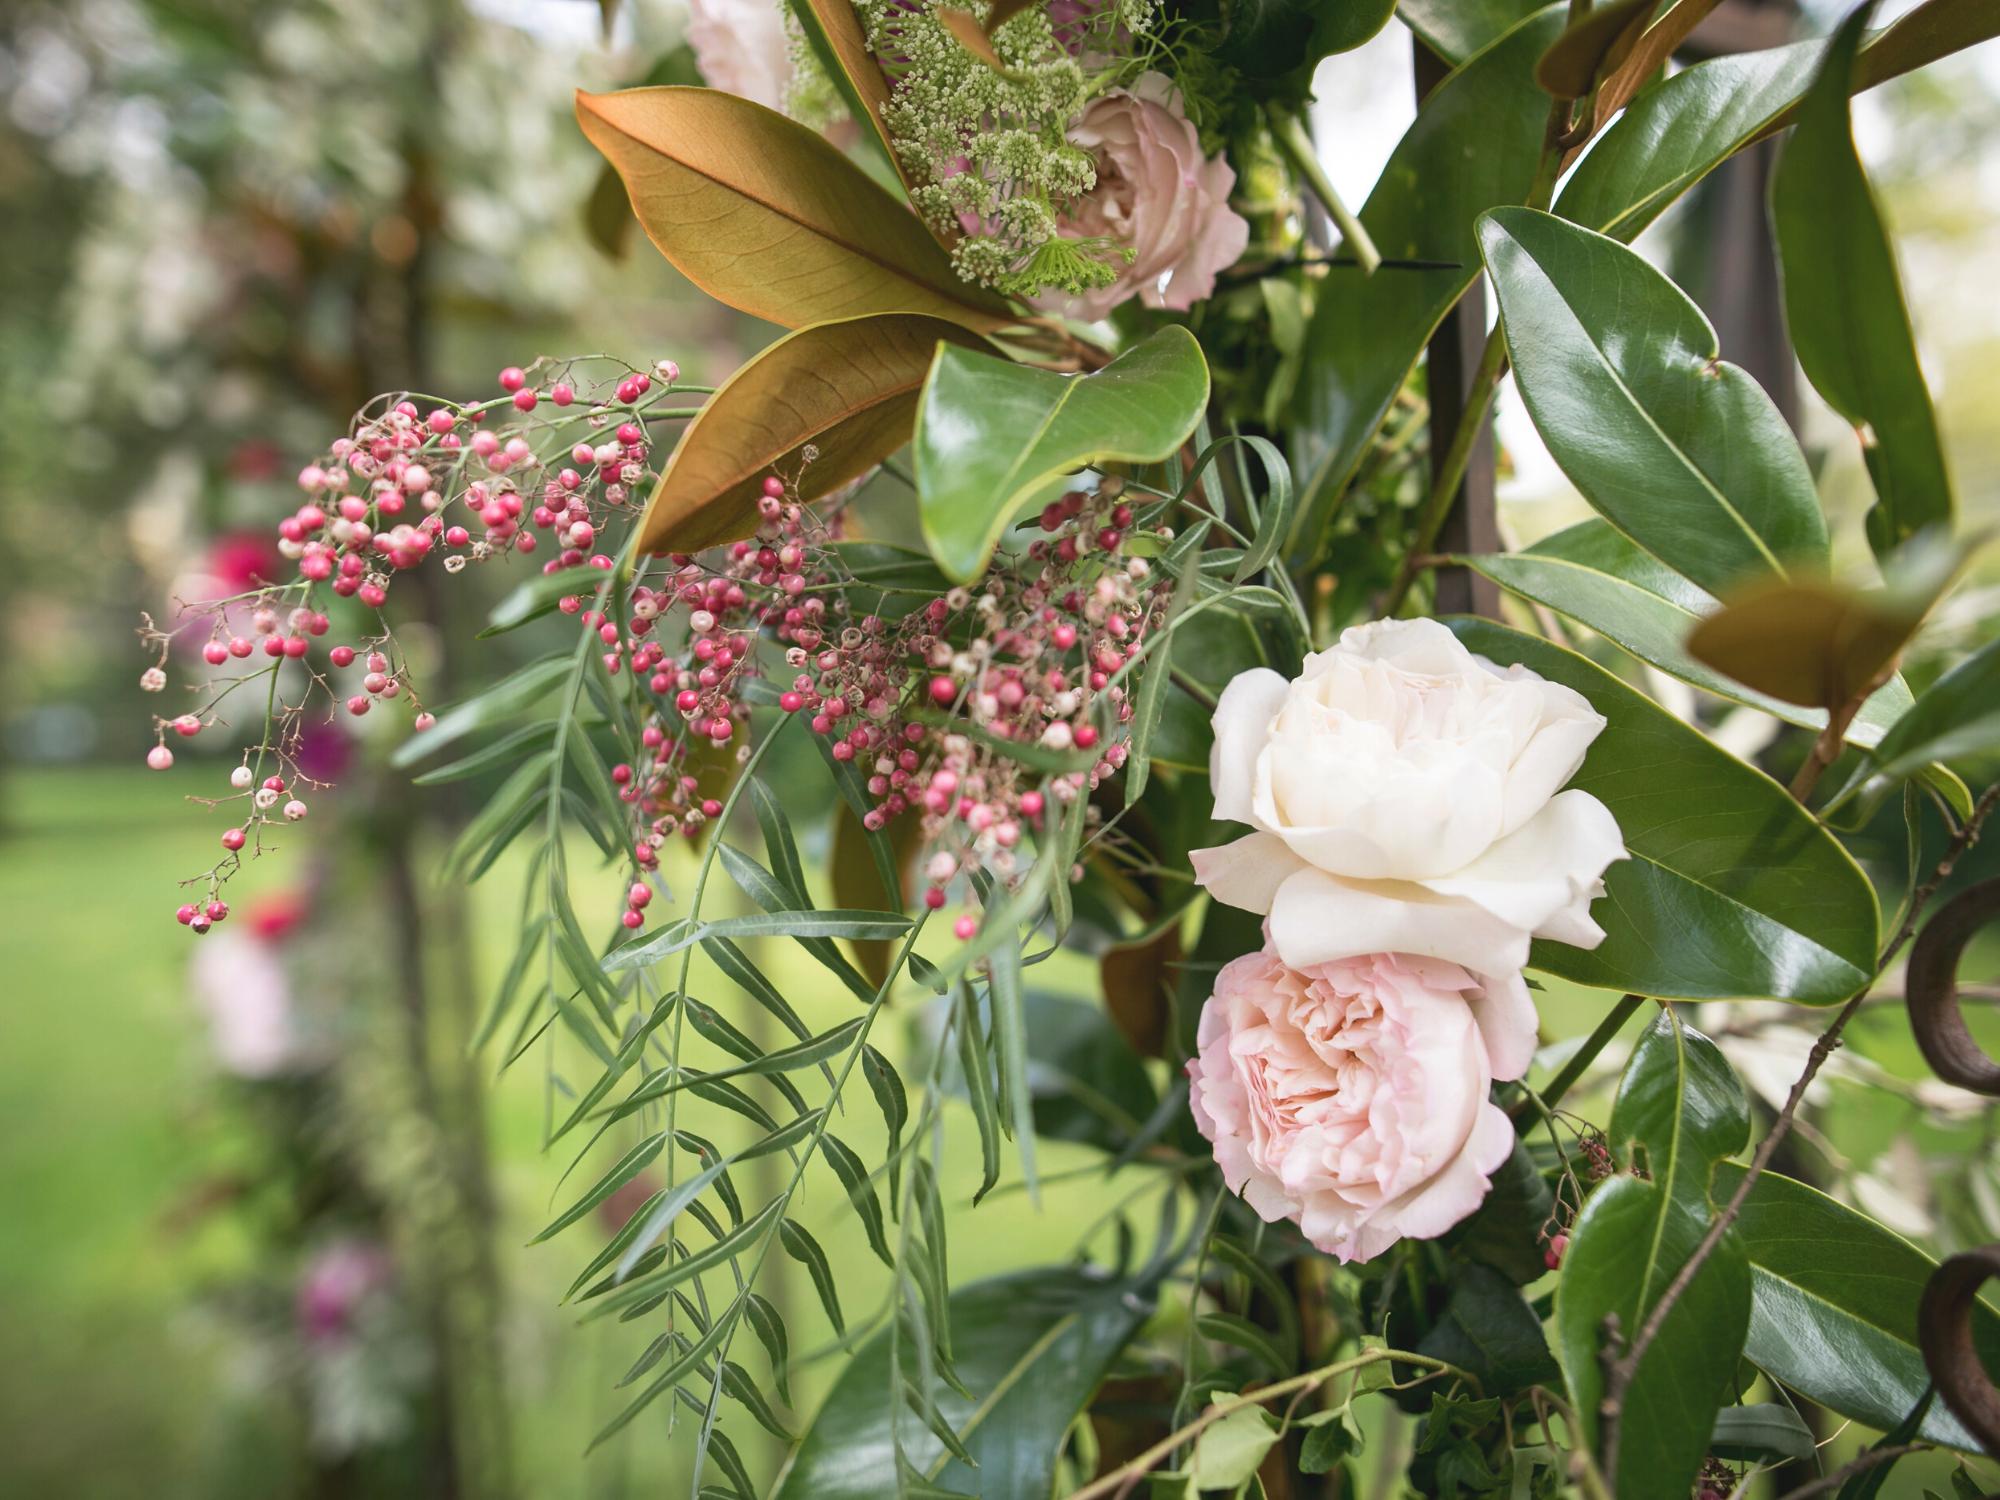 matrimonio estate fiori rose